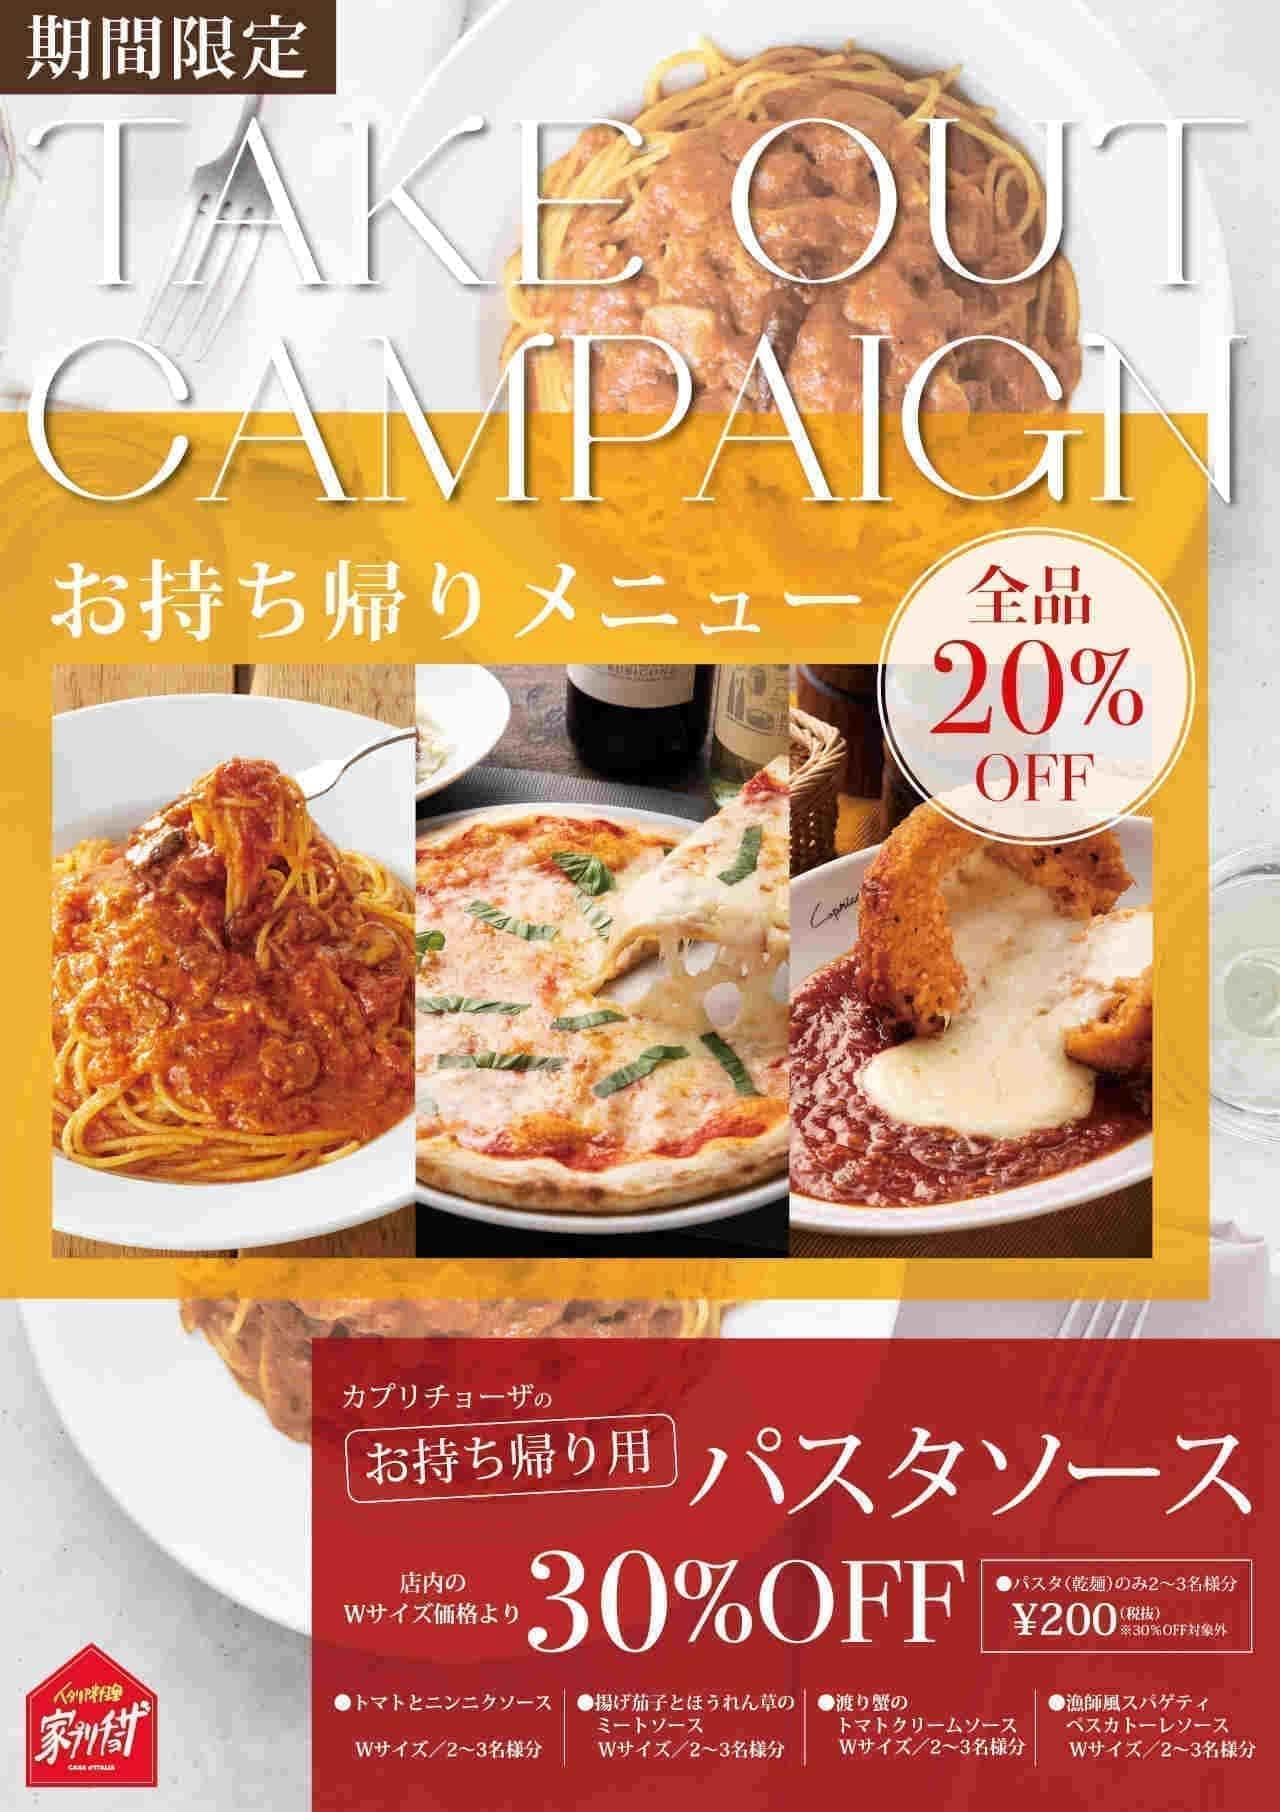 カプリチョーザのテイクアウトキャンペーン